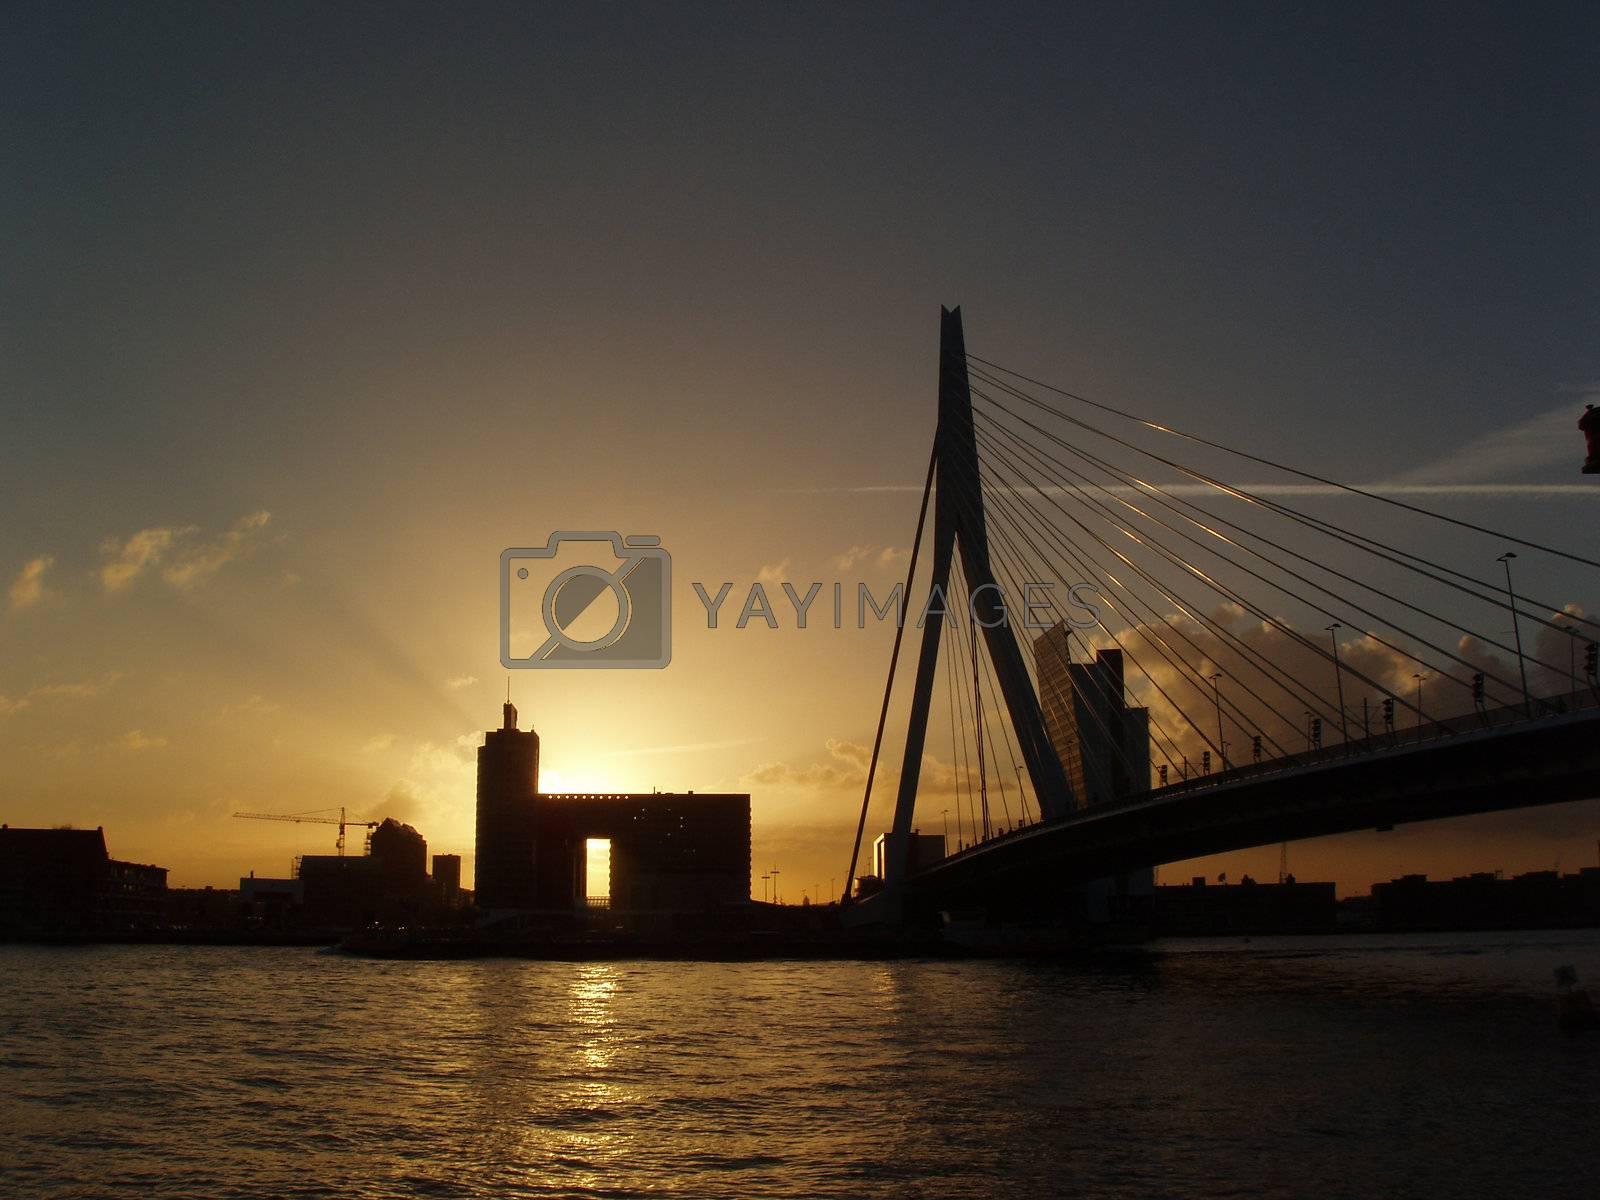 Erasmus Bridge in Rotterdam, Holland